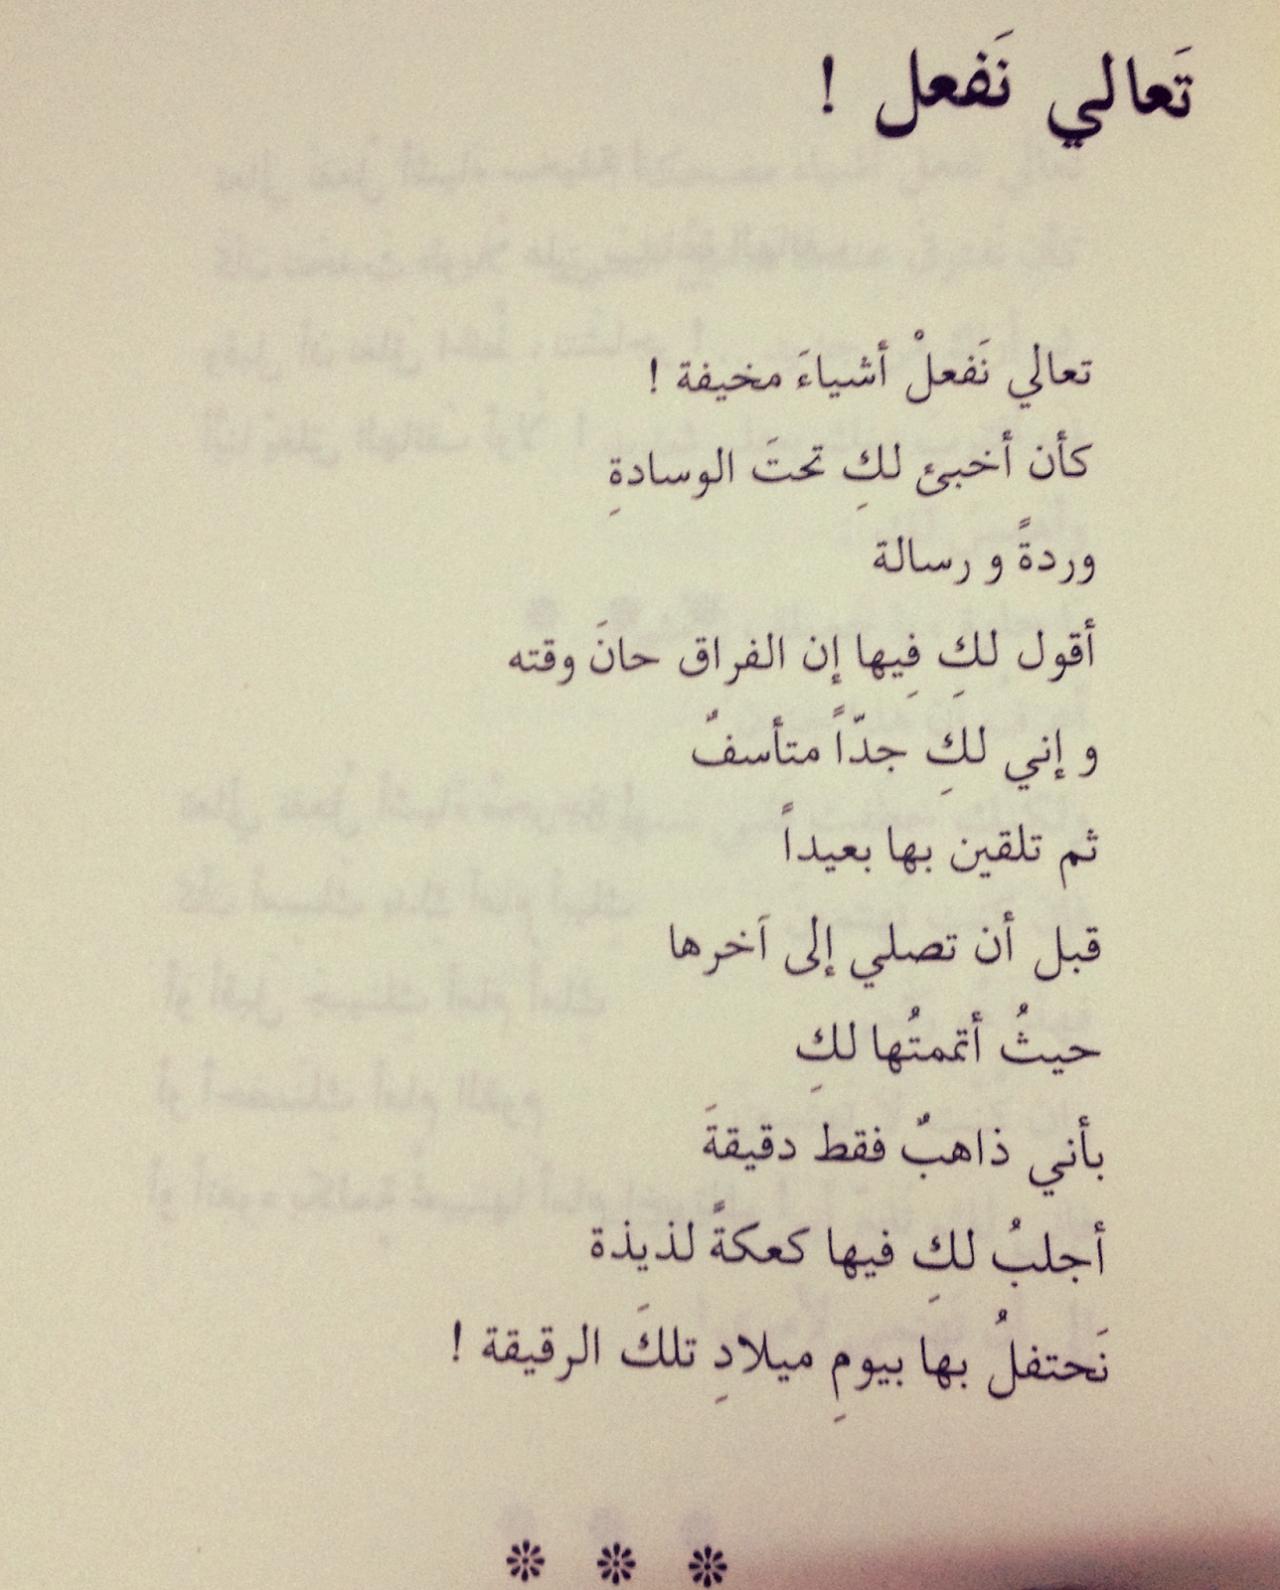 صورة رواية احبك وكفى , عيوني دايبة فيك